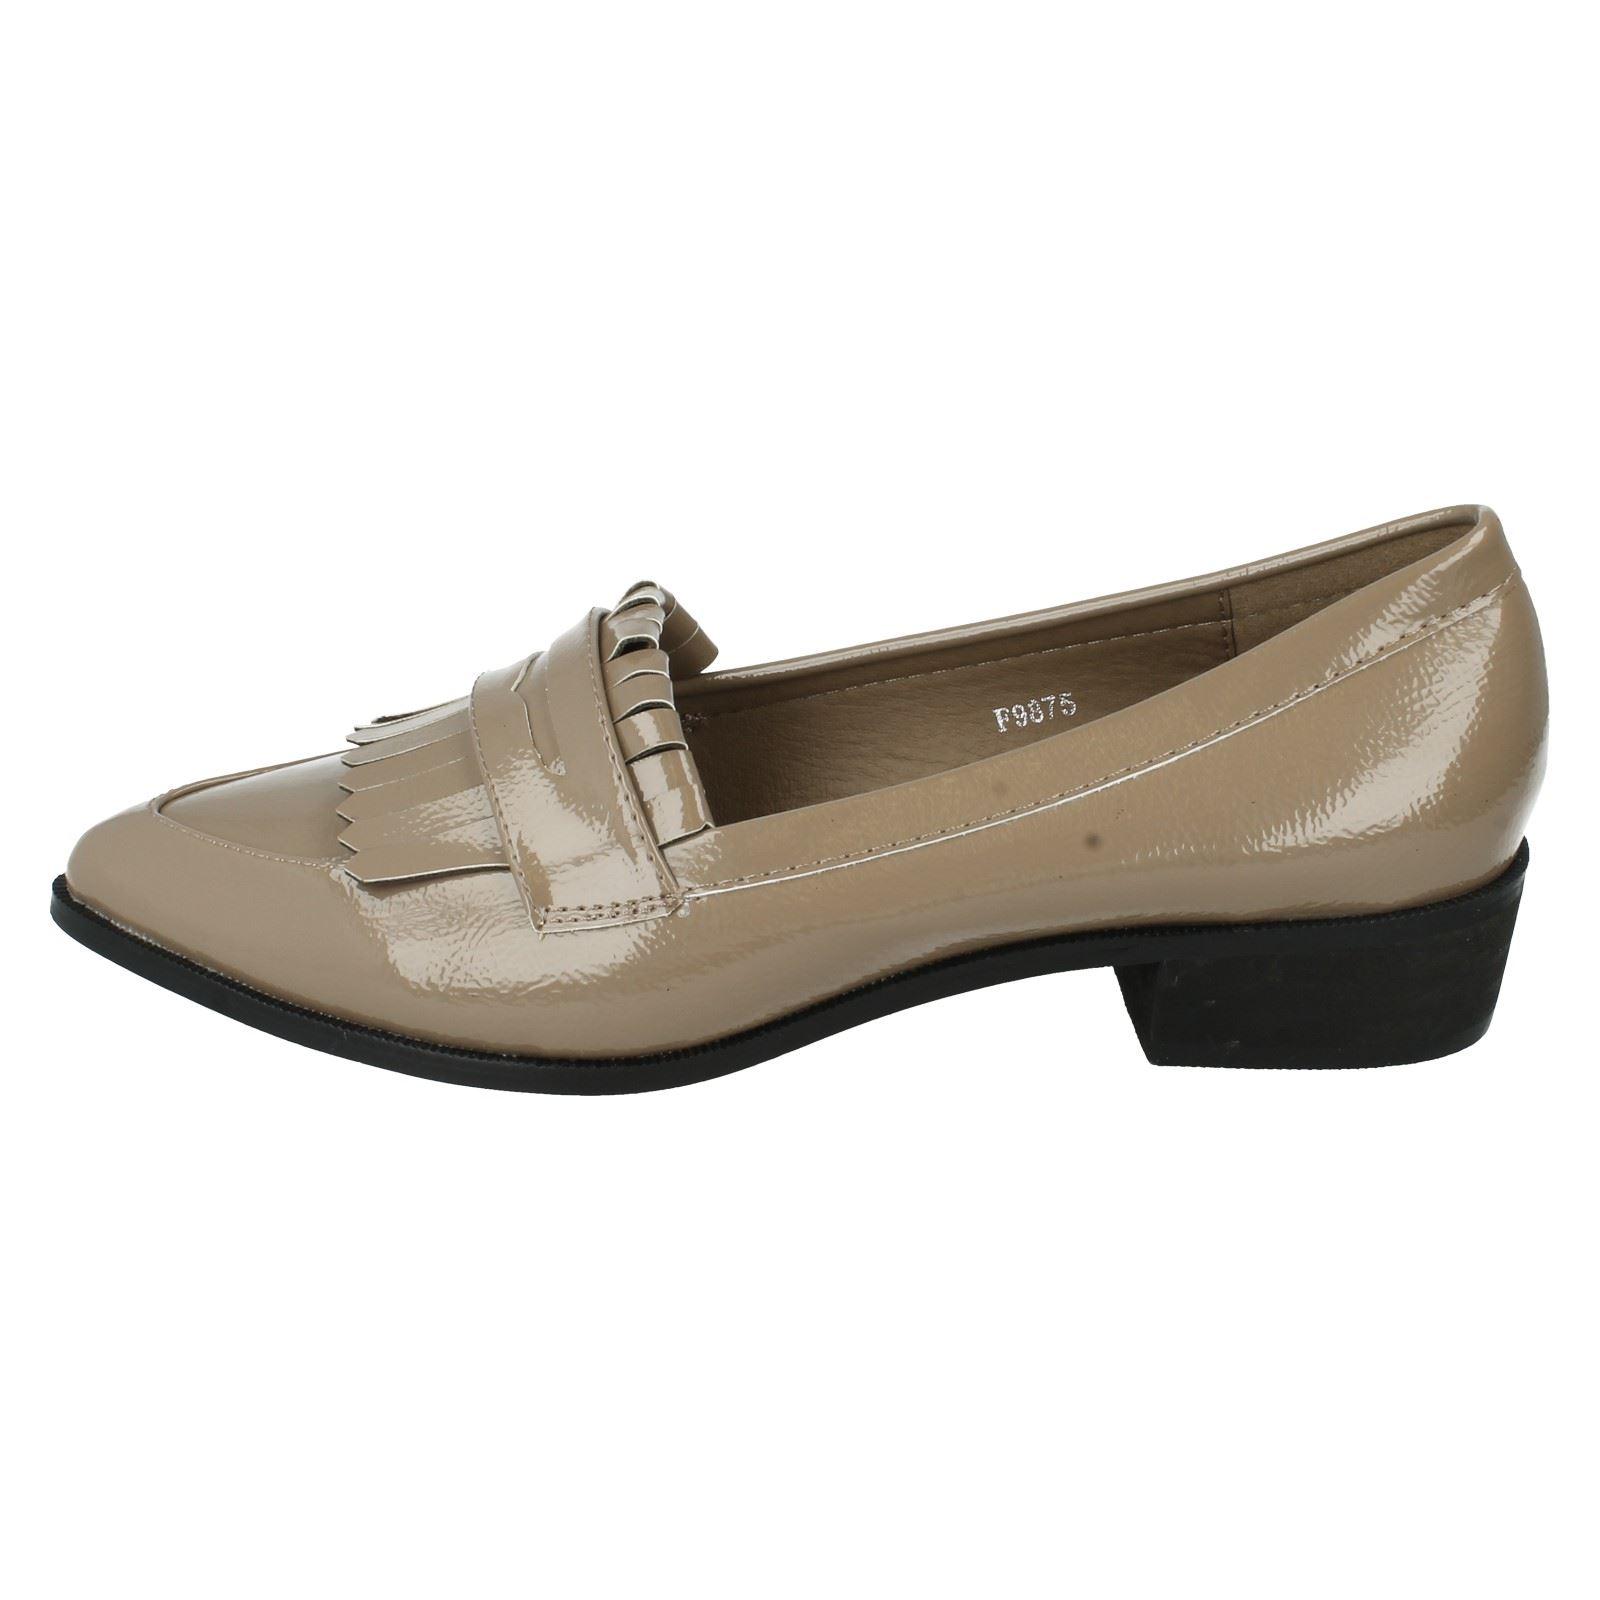 Mujer Spot On Zapatos de salón LABEL f9875